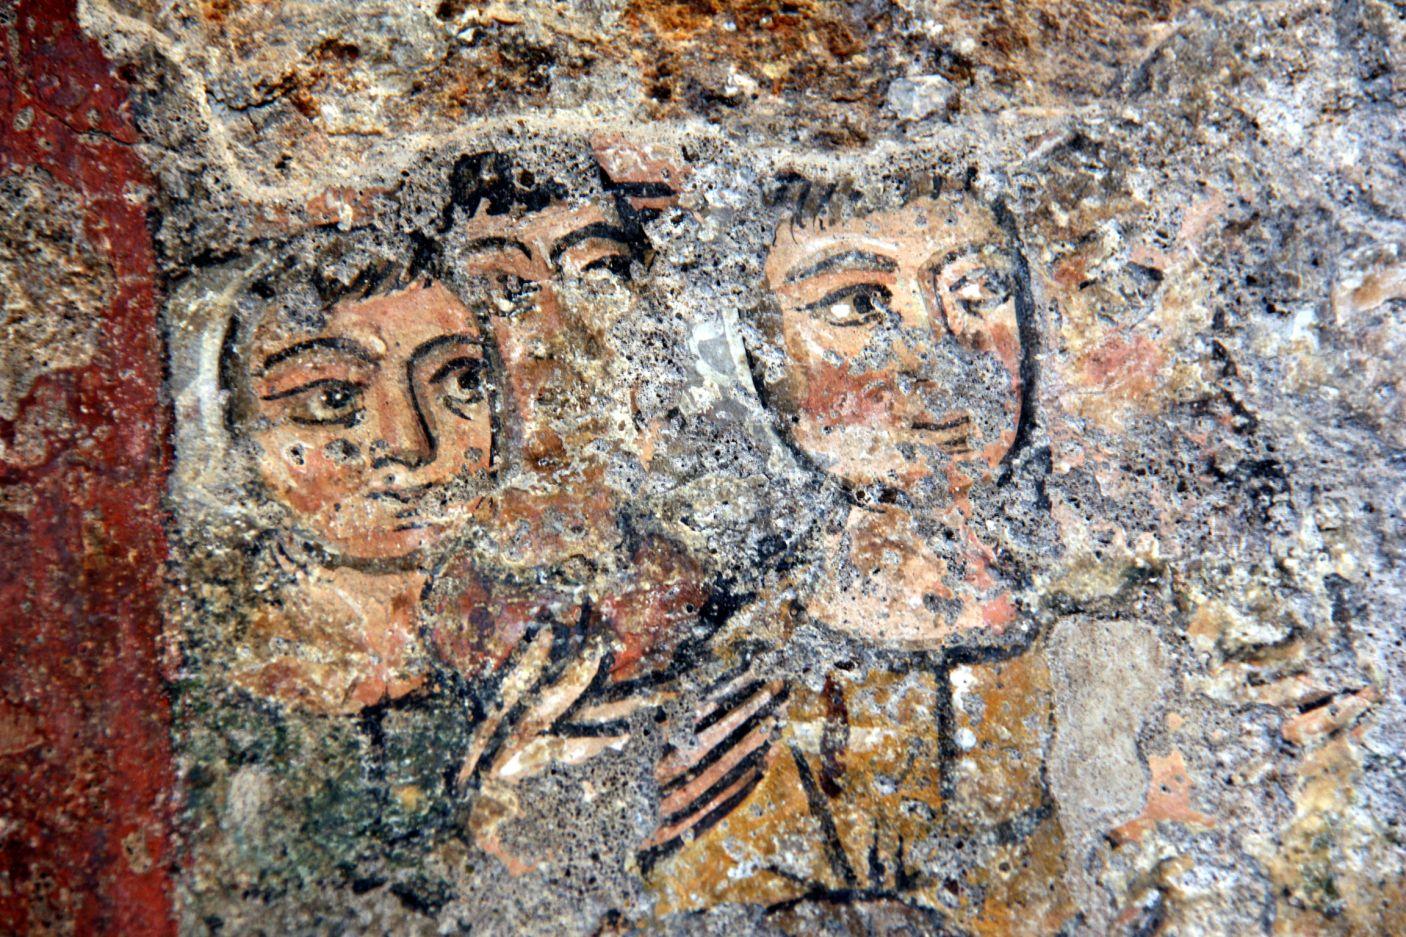 Bí mật ngục tối giam cầm các thánh Phêrô và Phaolô - Ảnh minh hoạ 4